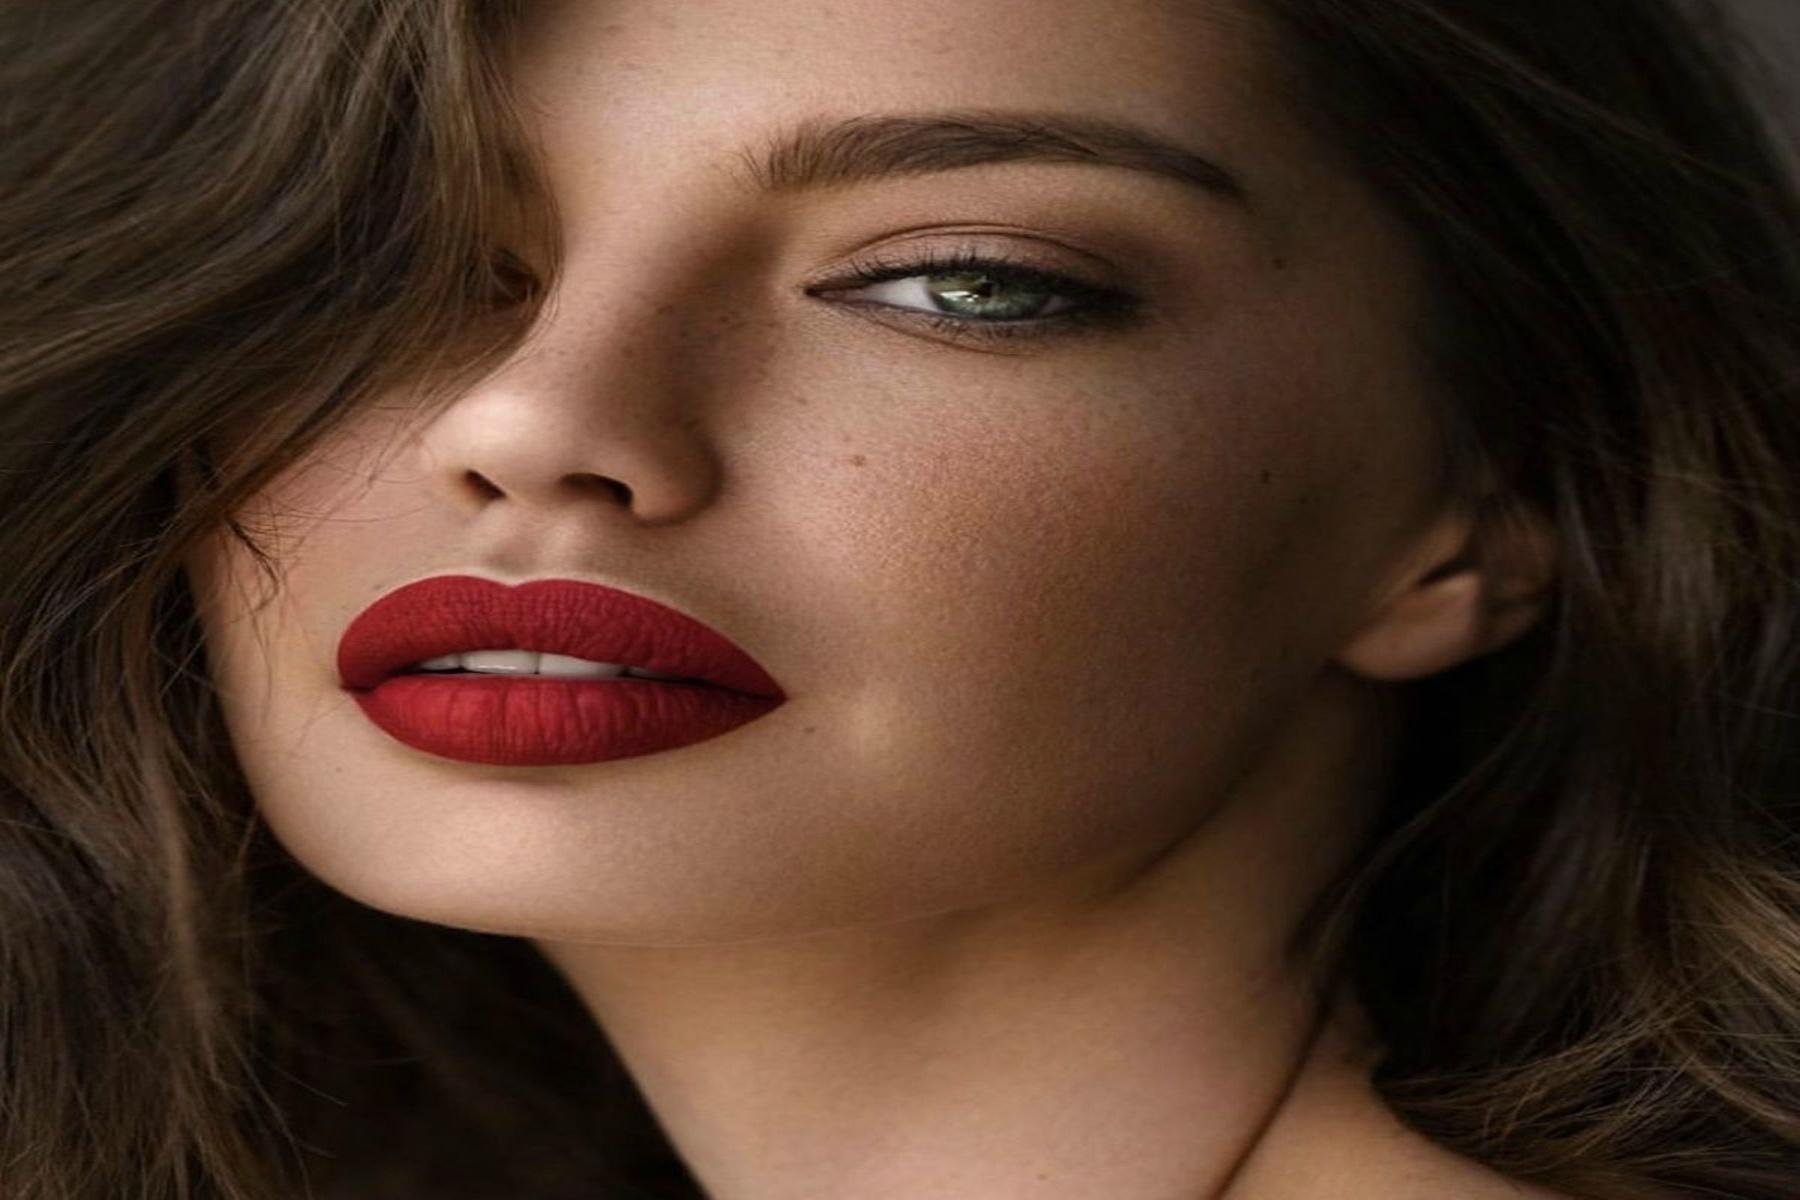 Ομορφιά χείλη : Τεχνική για τέλειο κόκκινο κραγιόν